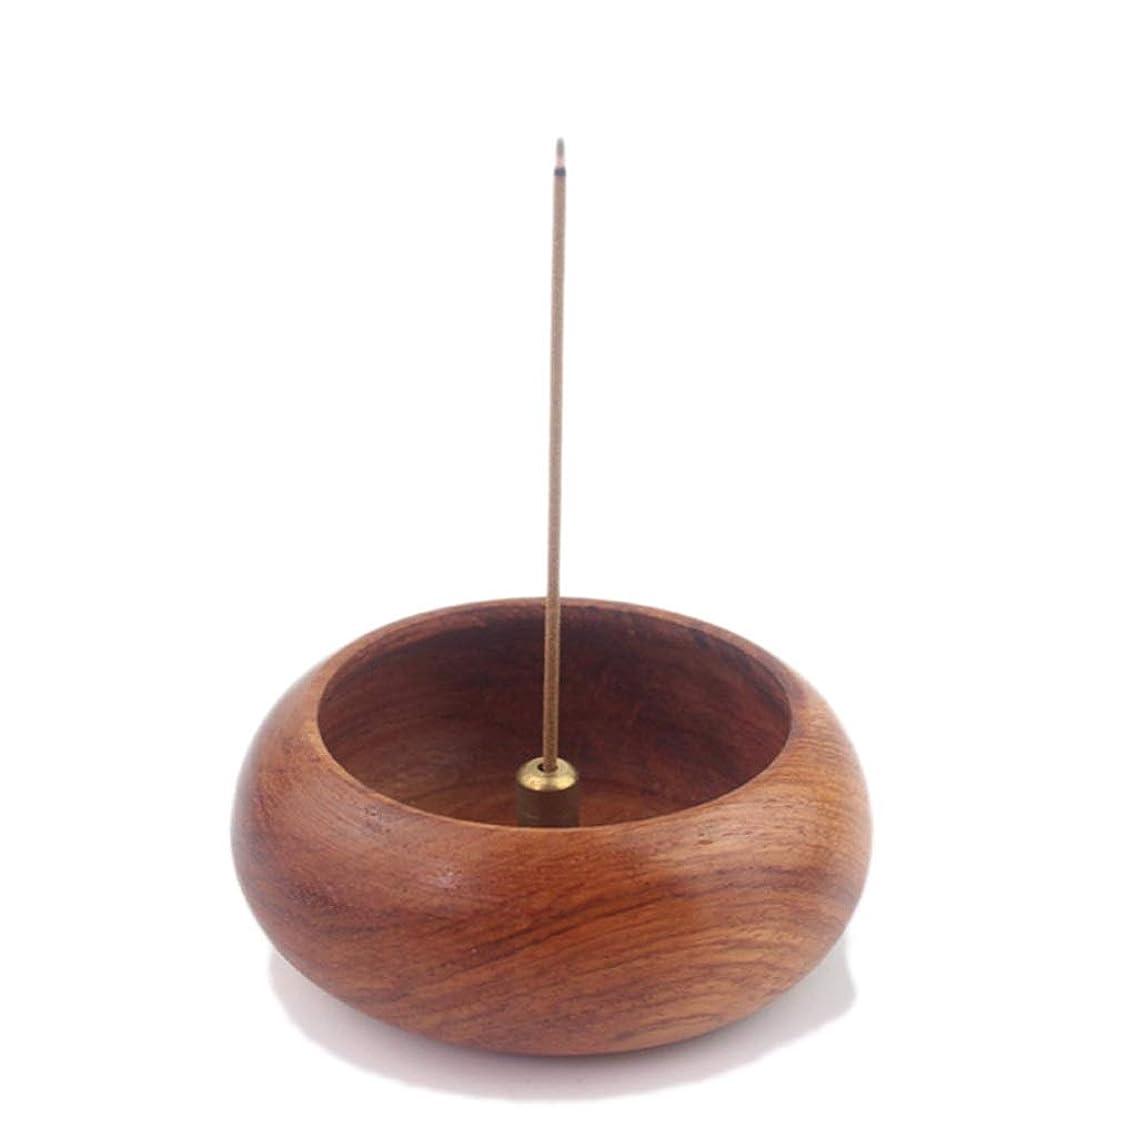 交じるリフトスプーンローズウッドボウル型香炉ホルダーキャンドルアロマセラピー炉香ホルダーホームリビングルーム香バーナー装飾 (Color : Wood, サイズ : 6.2*2.4cm)